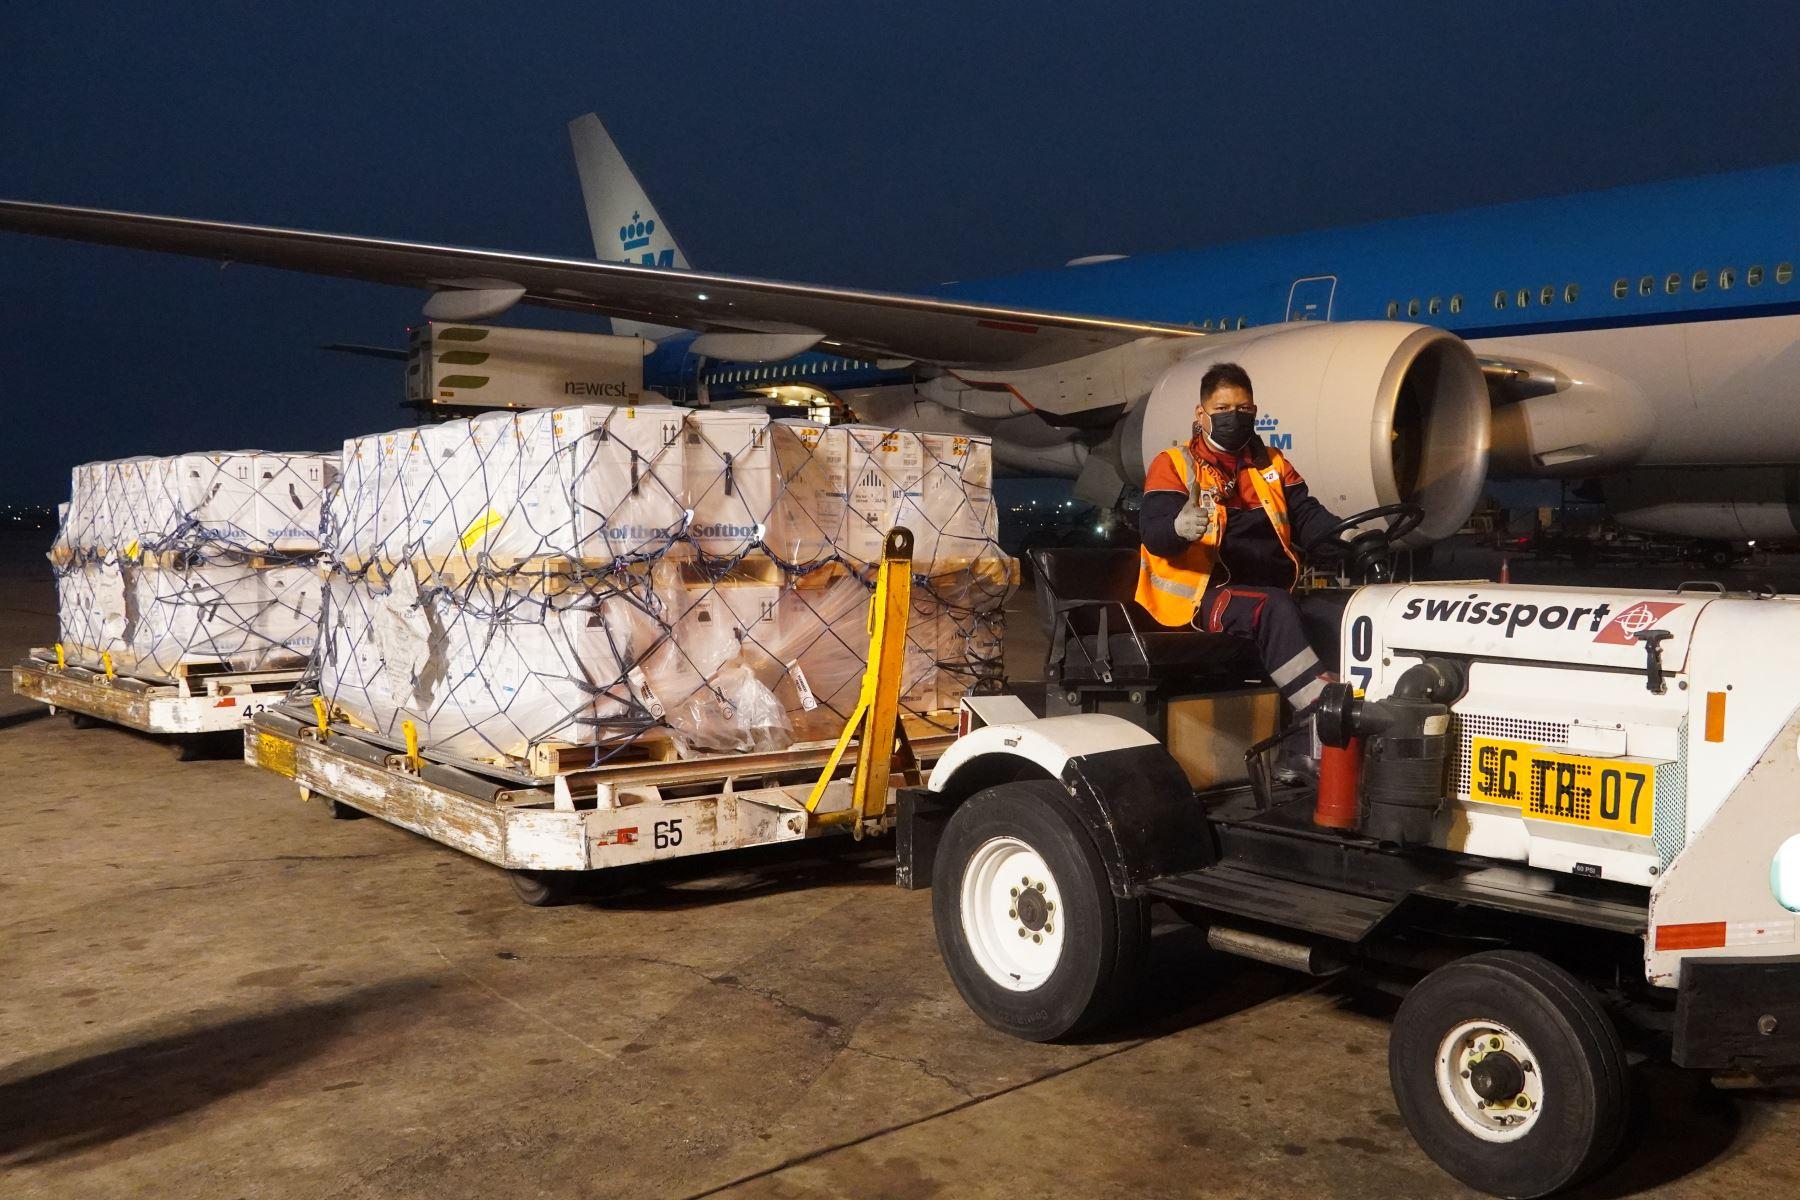 Llegó al país un lote de 748,800 dosis de vacunas contra la covid-19 que forman parte de las 13 millones que llegarán durante setiembre para proteger a los peruanos de una posible tercera ola de la covid-19. Foto: Minsa